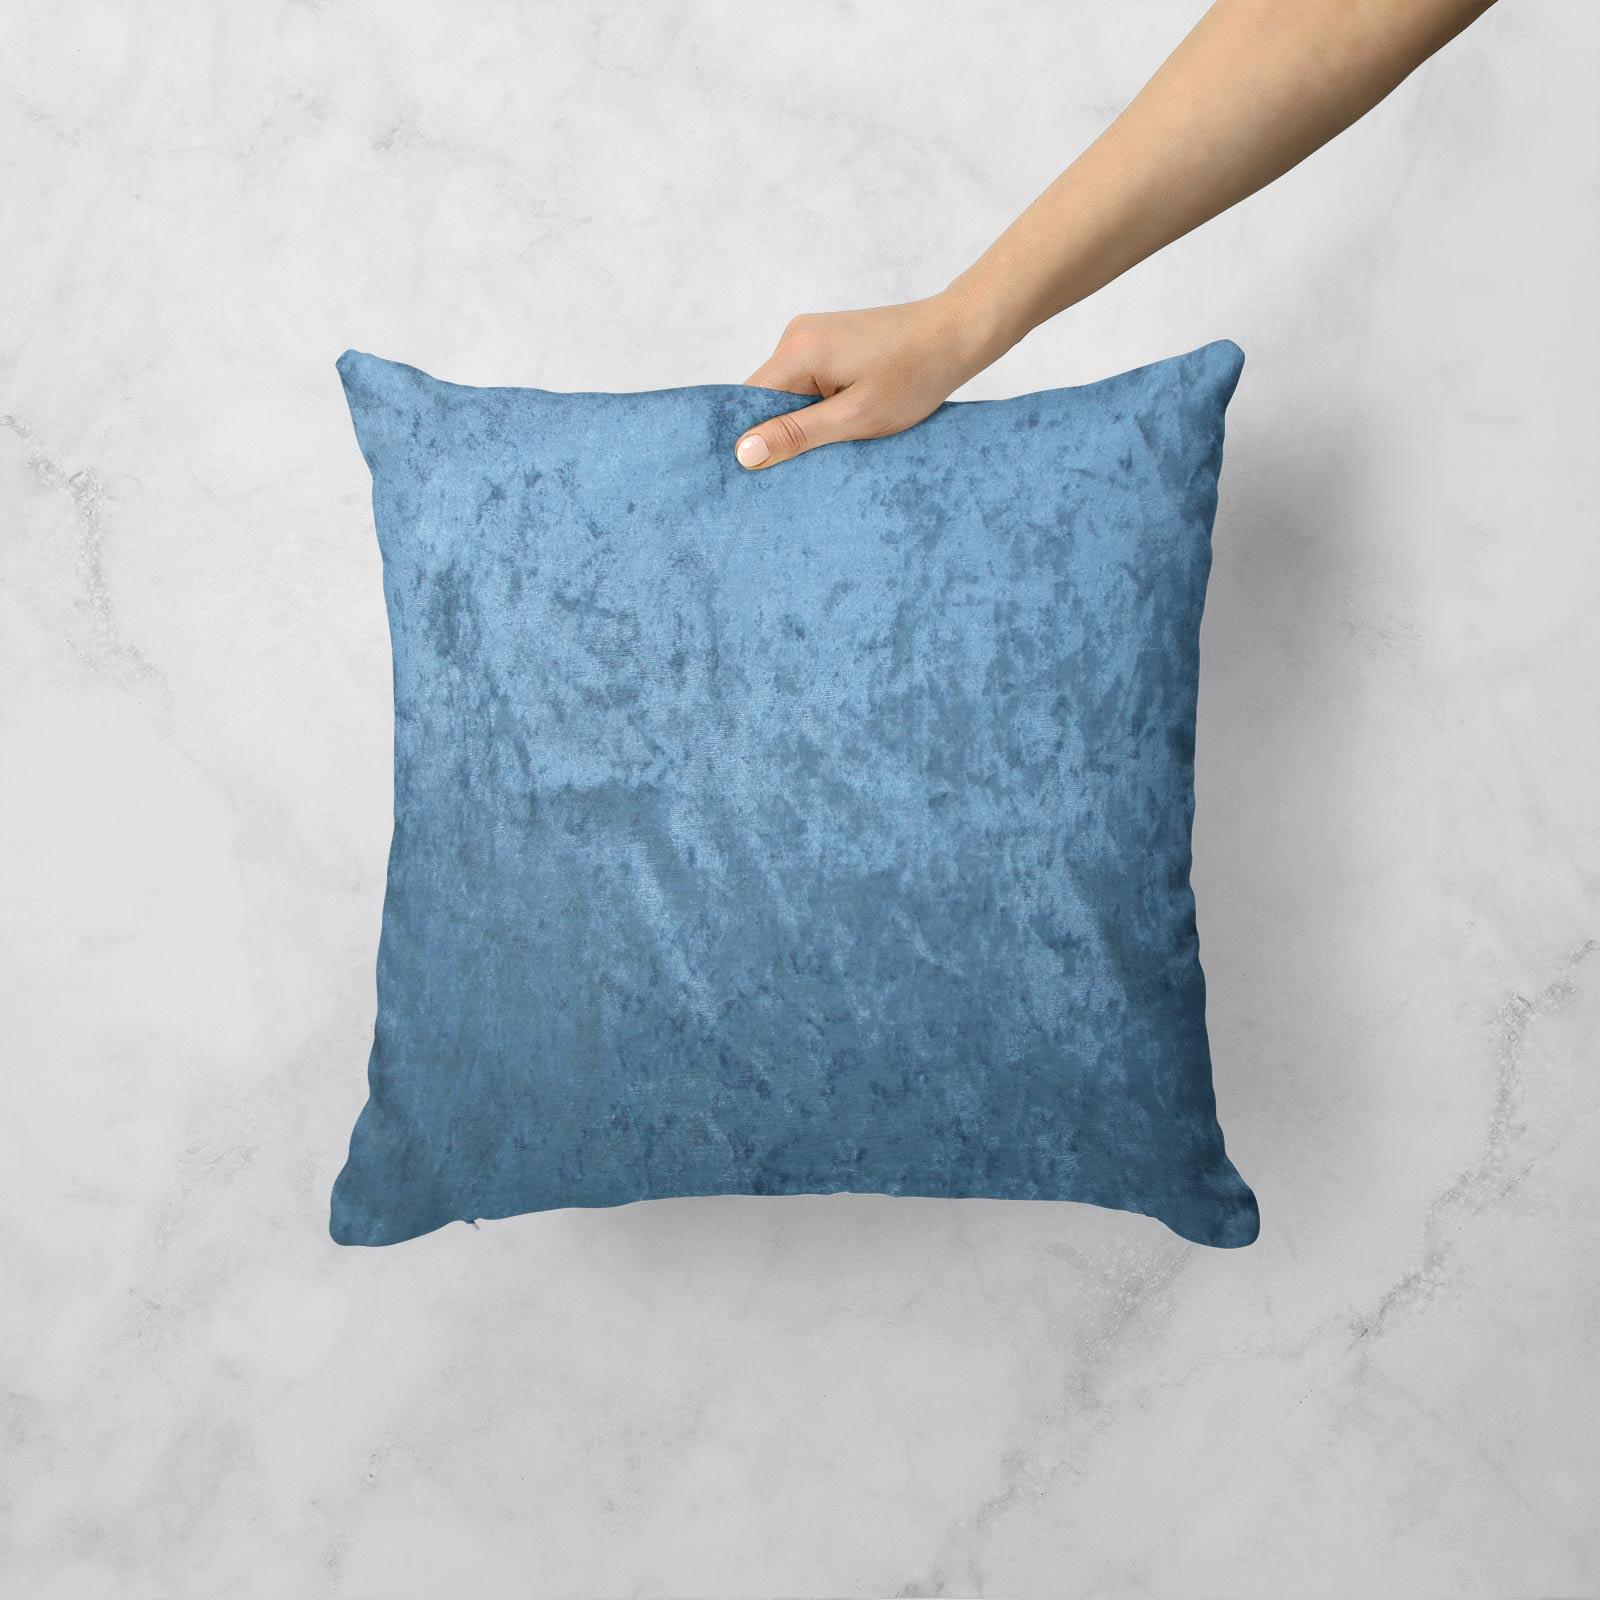 Cuscino-di-velluto-schiacciato-copre-GLAM-Tinta-Unita-Copricuscino-18-034-x-18-034-45cm-x-45cm miniatura 18